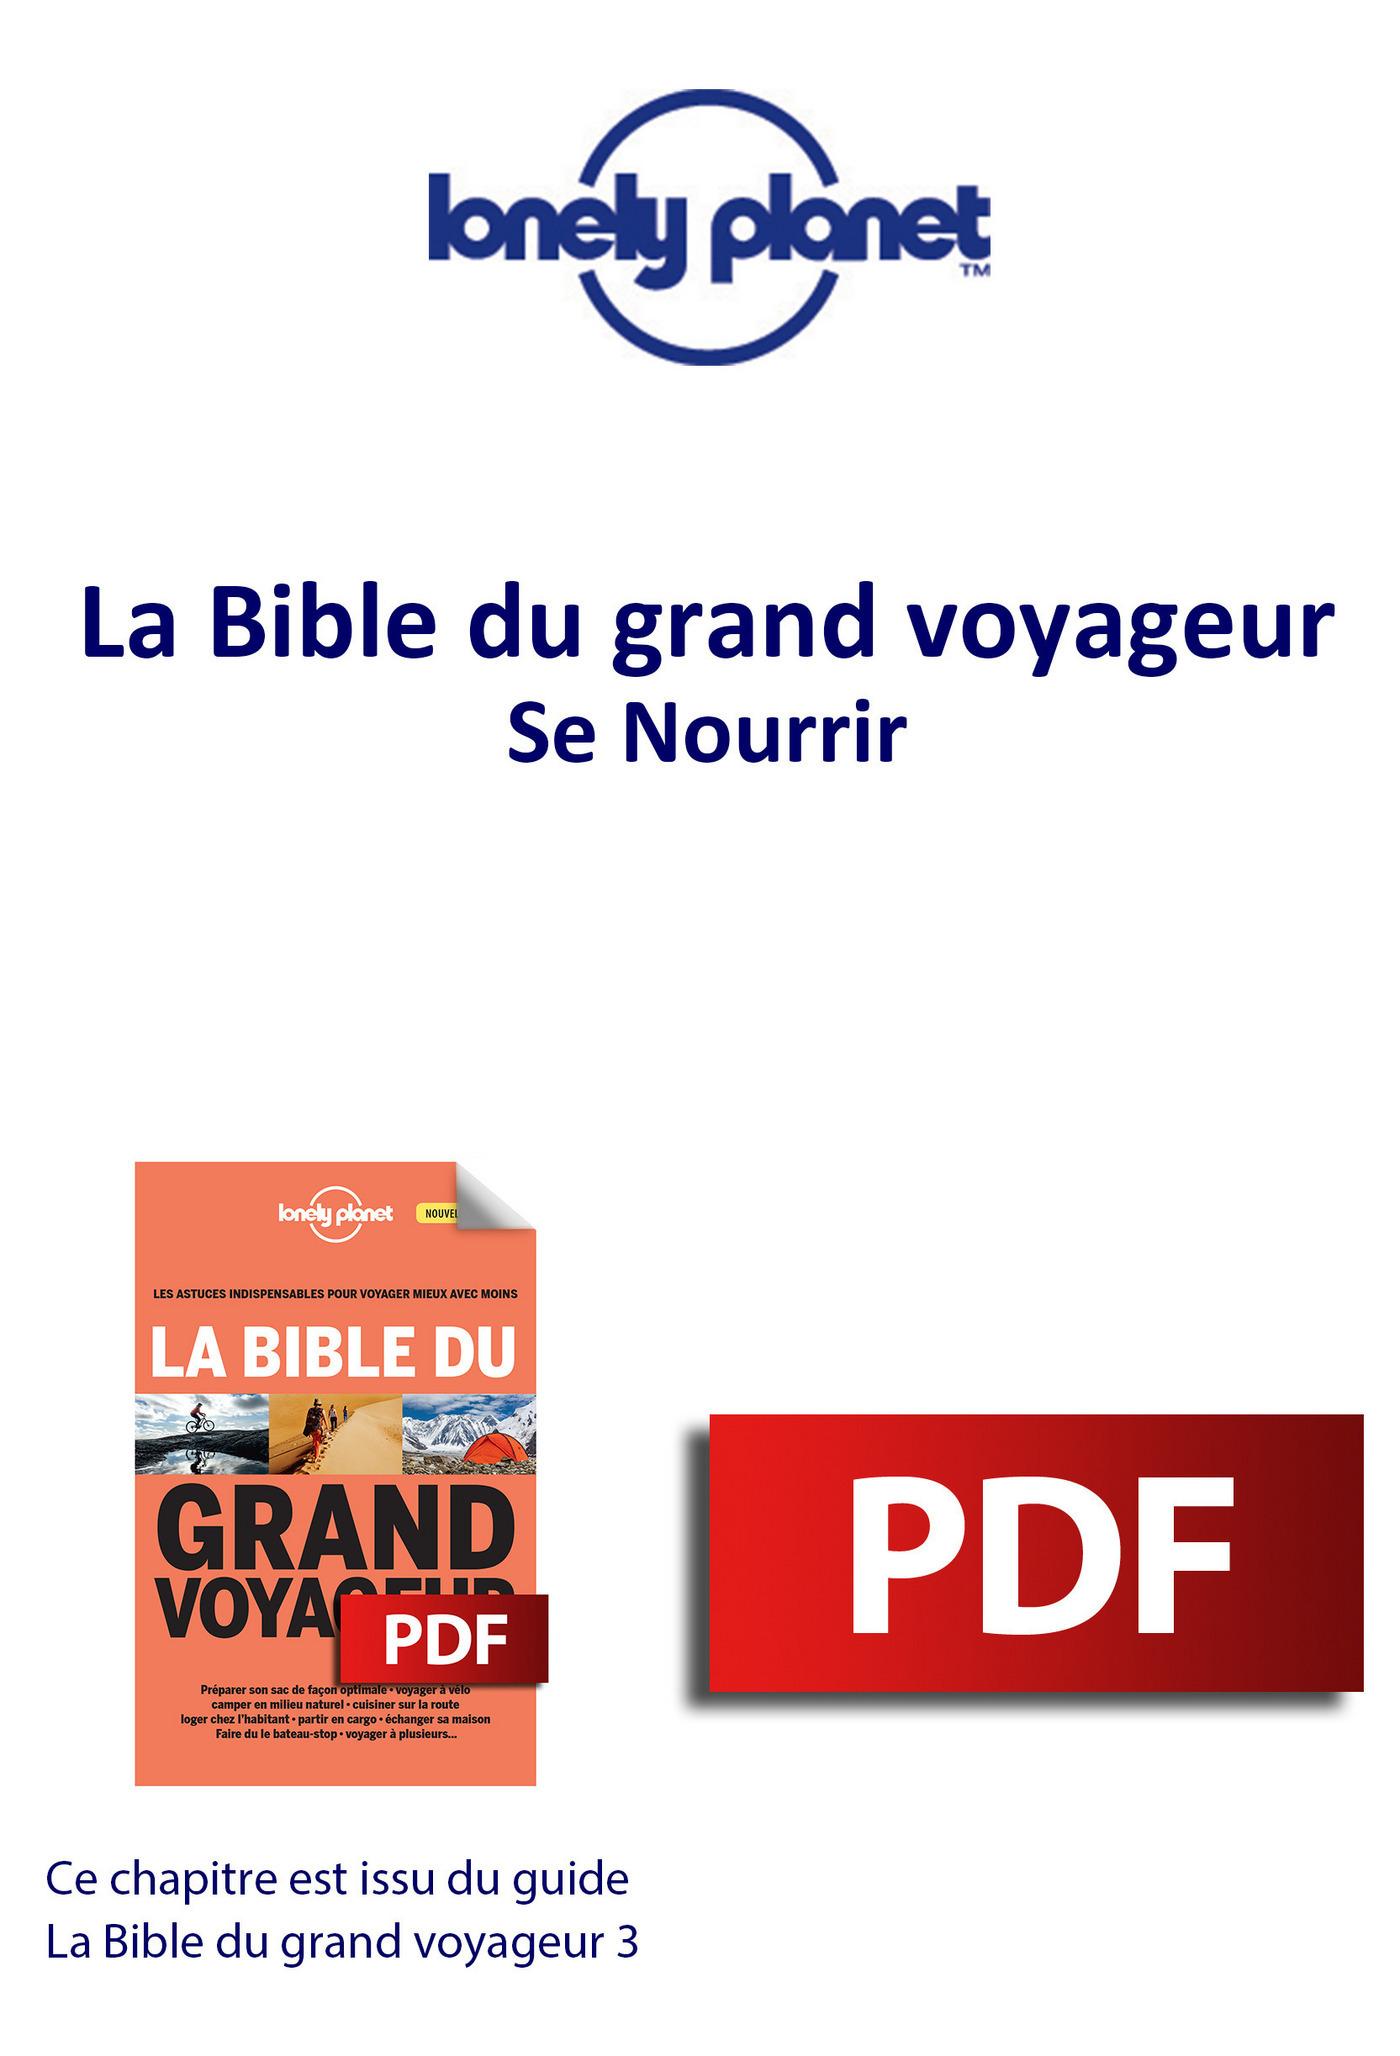 Bible du grand voyageur - Se Nourrir